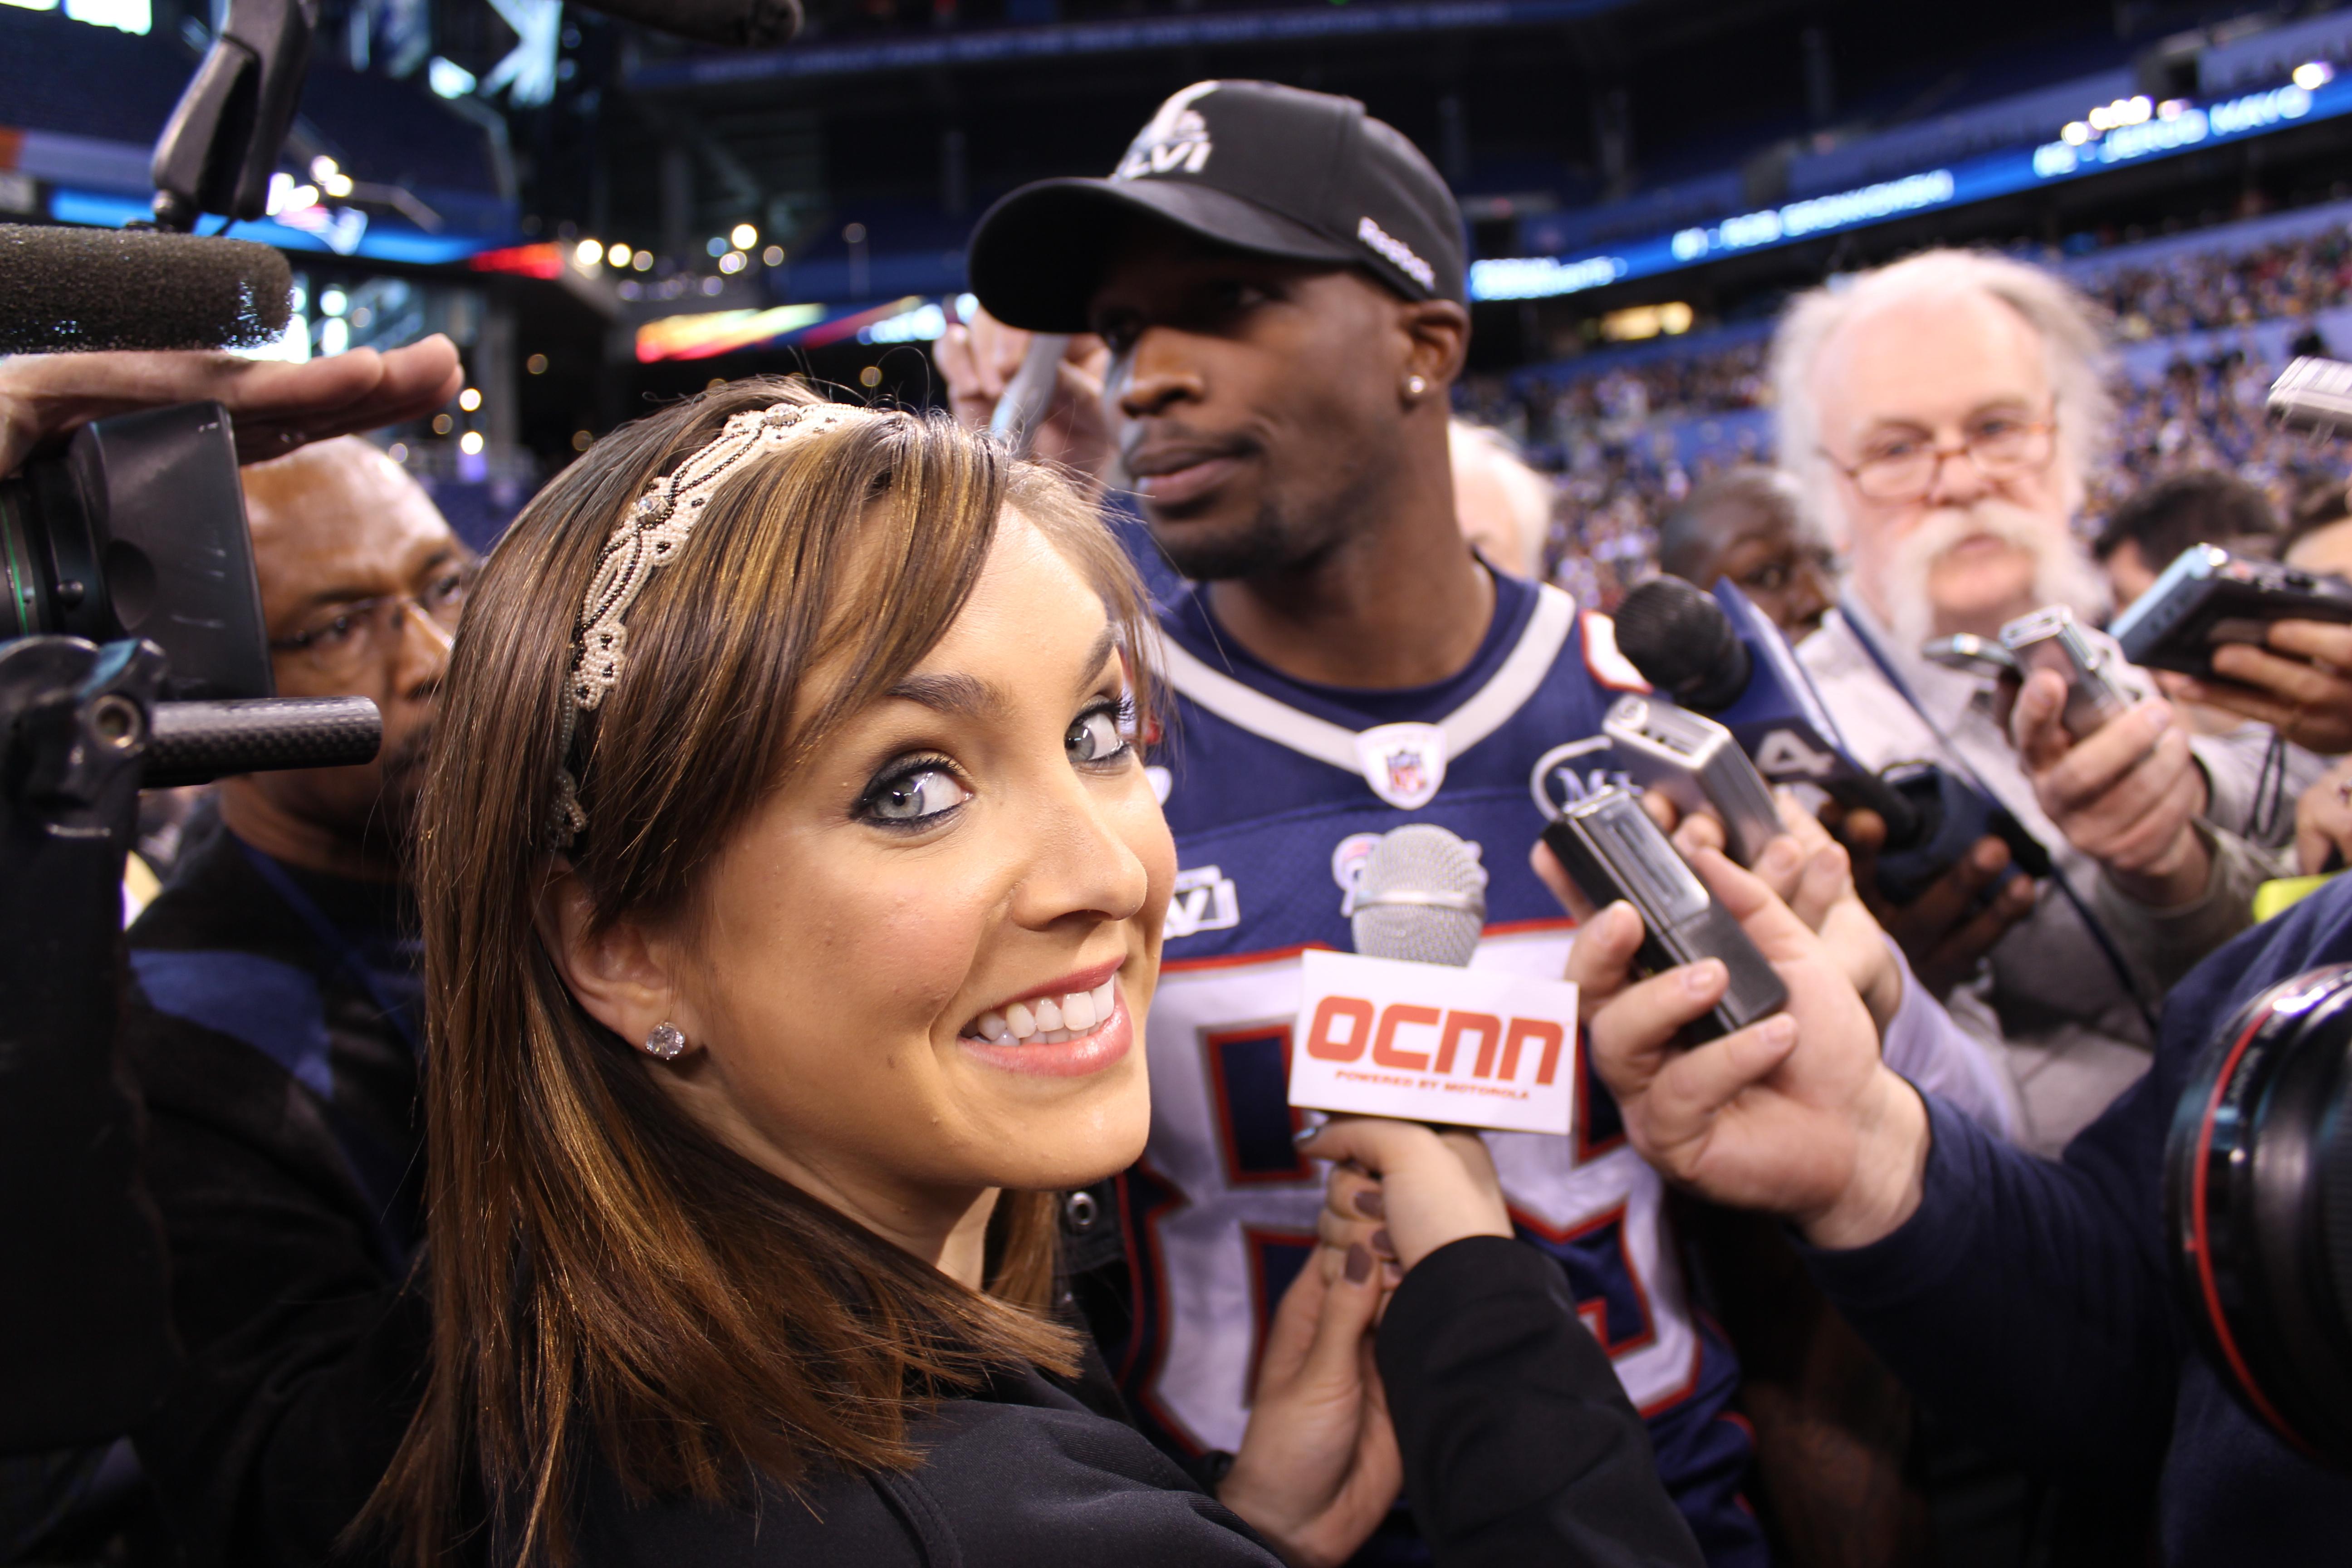 Cassidy Quinn Brettler at Superbowl doing interview.JPG